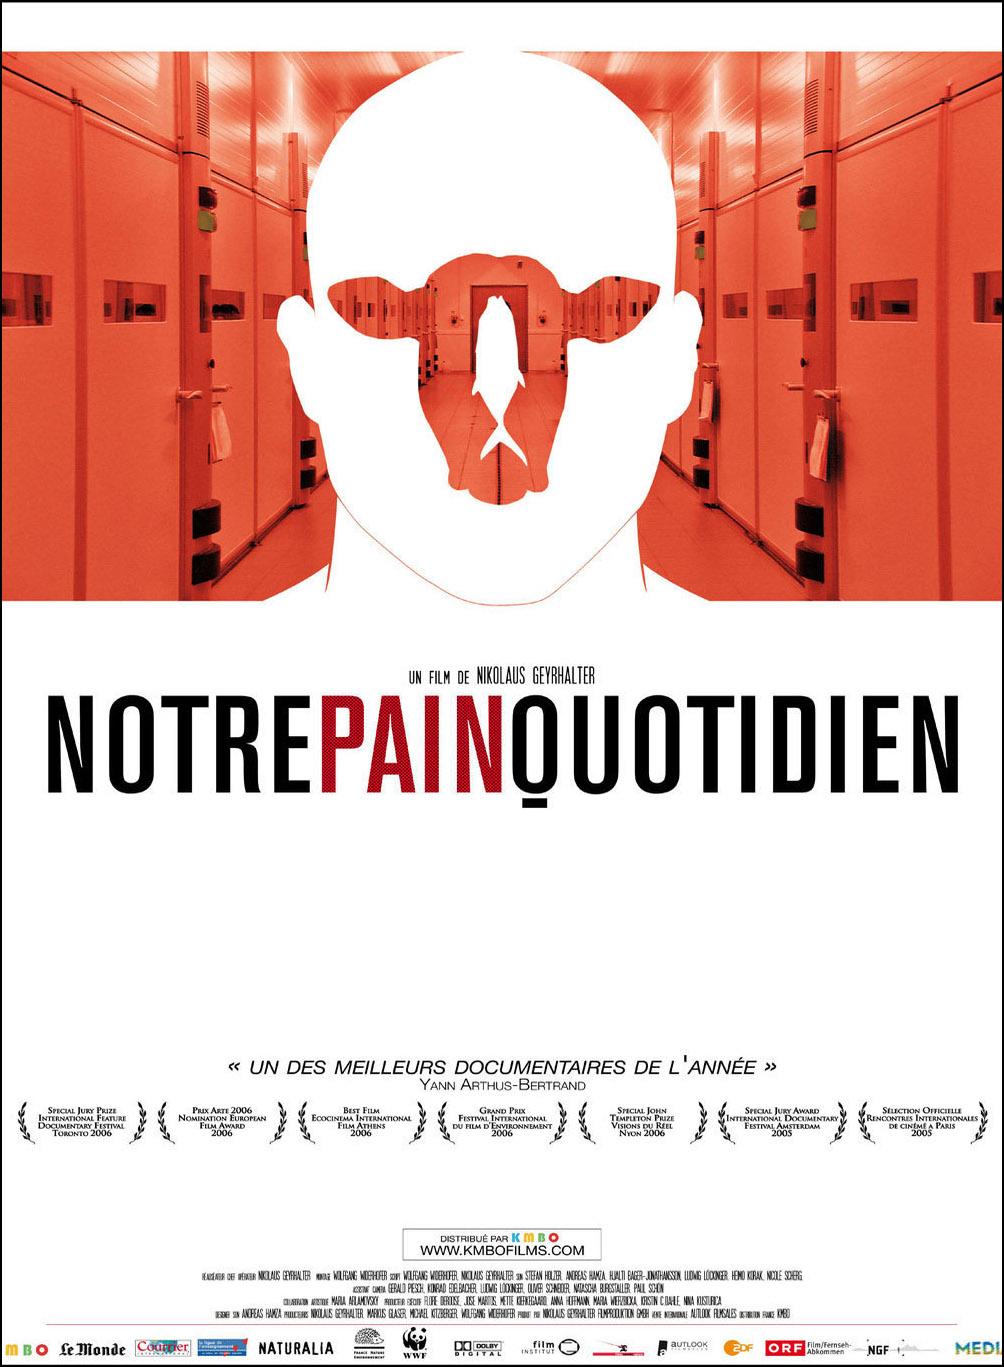 Notre_pain_quotidien (2)